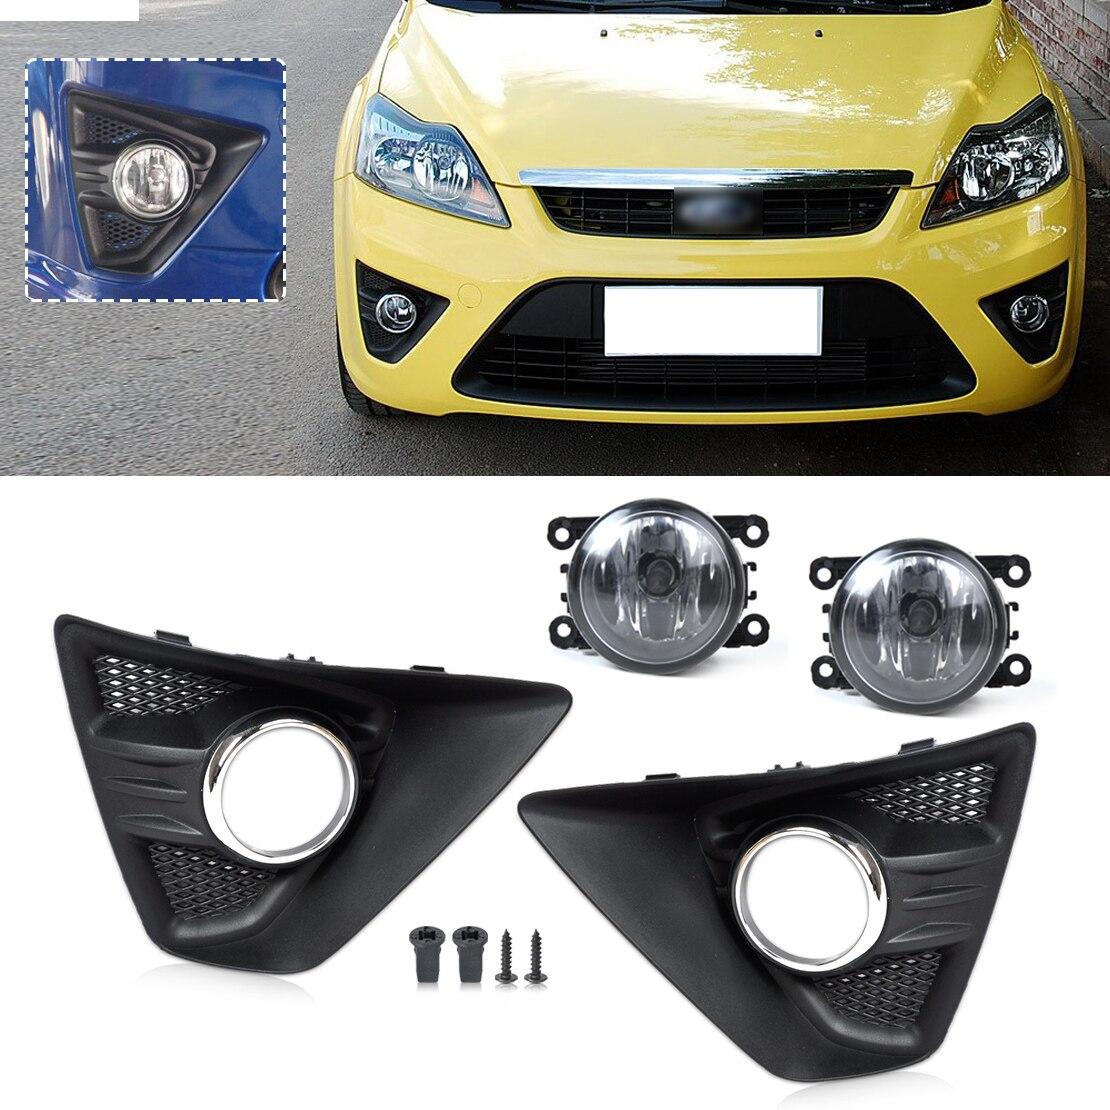 beler 2 Pcs Front Left/Right Fog Light Lamp+ 2 Pcs Cover Grille Grill Kit for Ford Focus Hatchback 2009 2010 2011 2012 2013 2014<br>